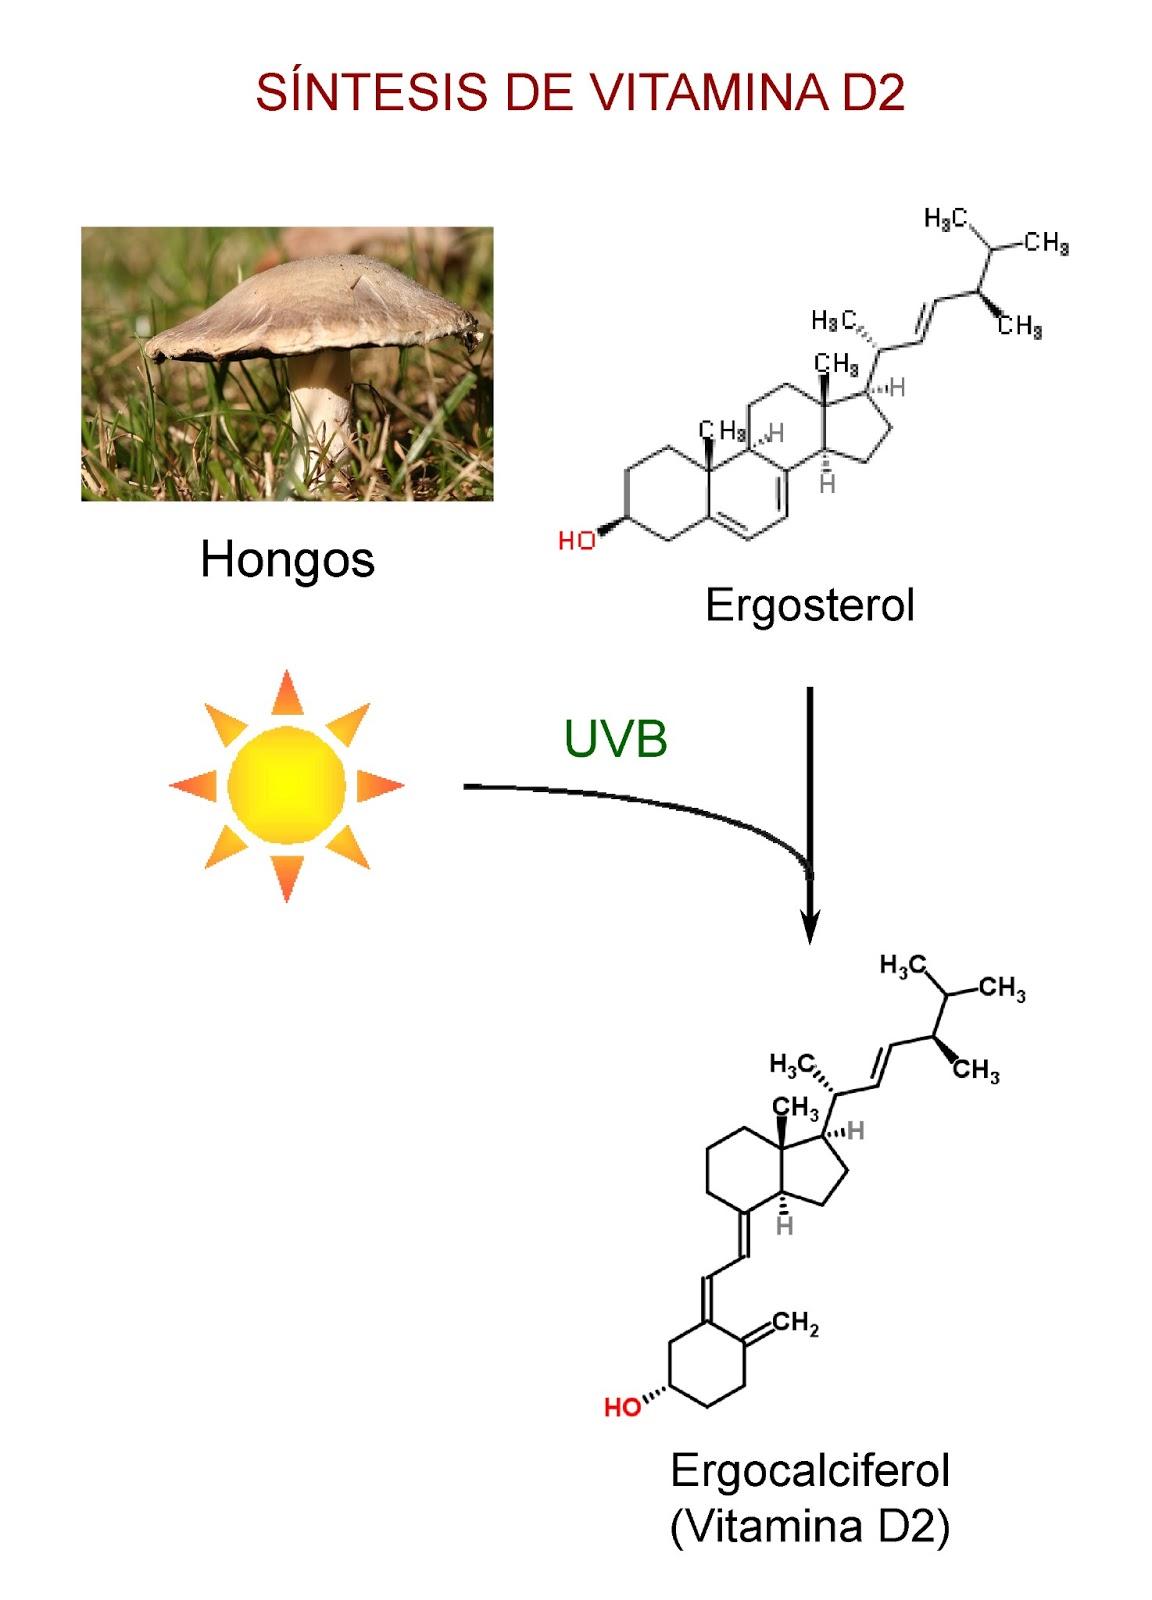 Producción de vitamina D2 en los hongos por la acción del sol